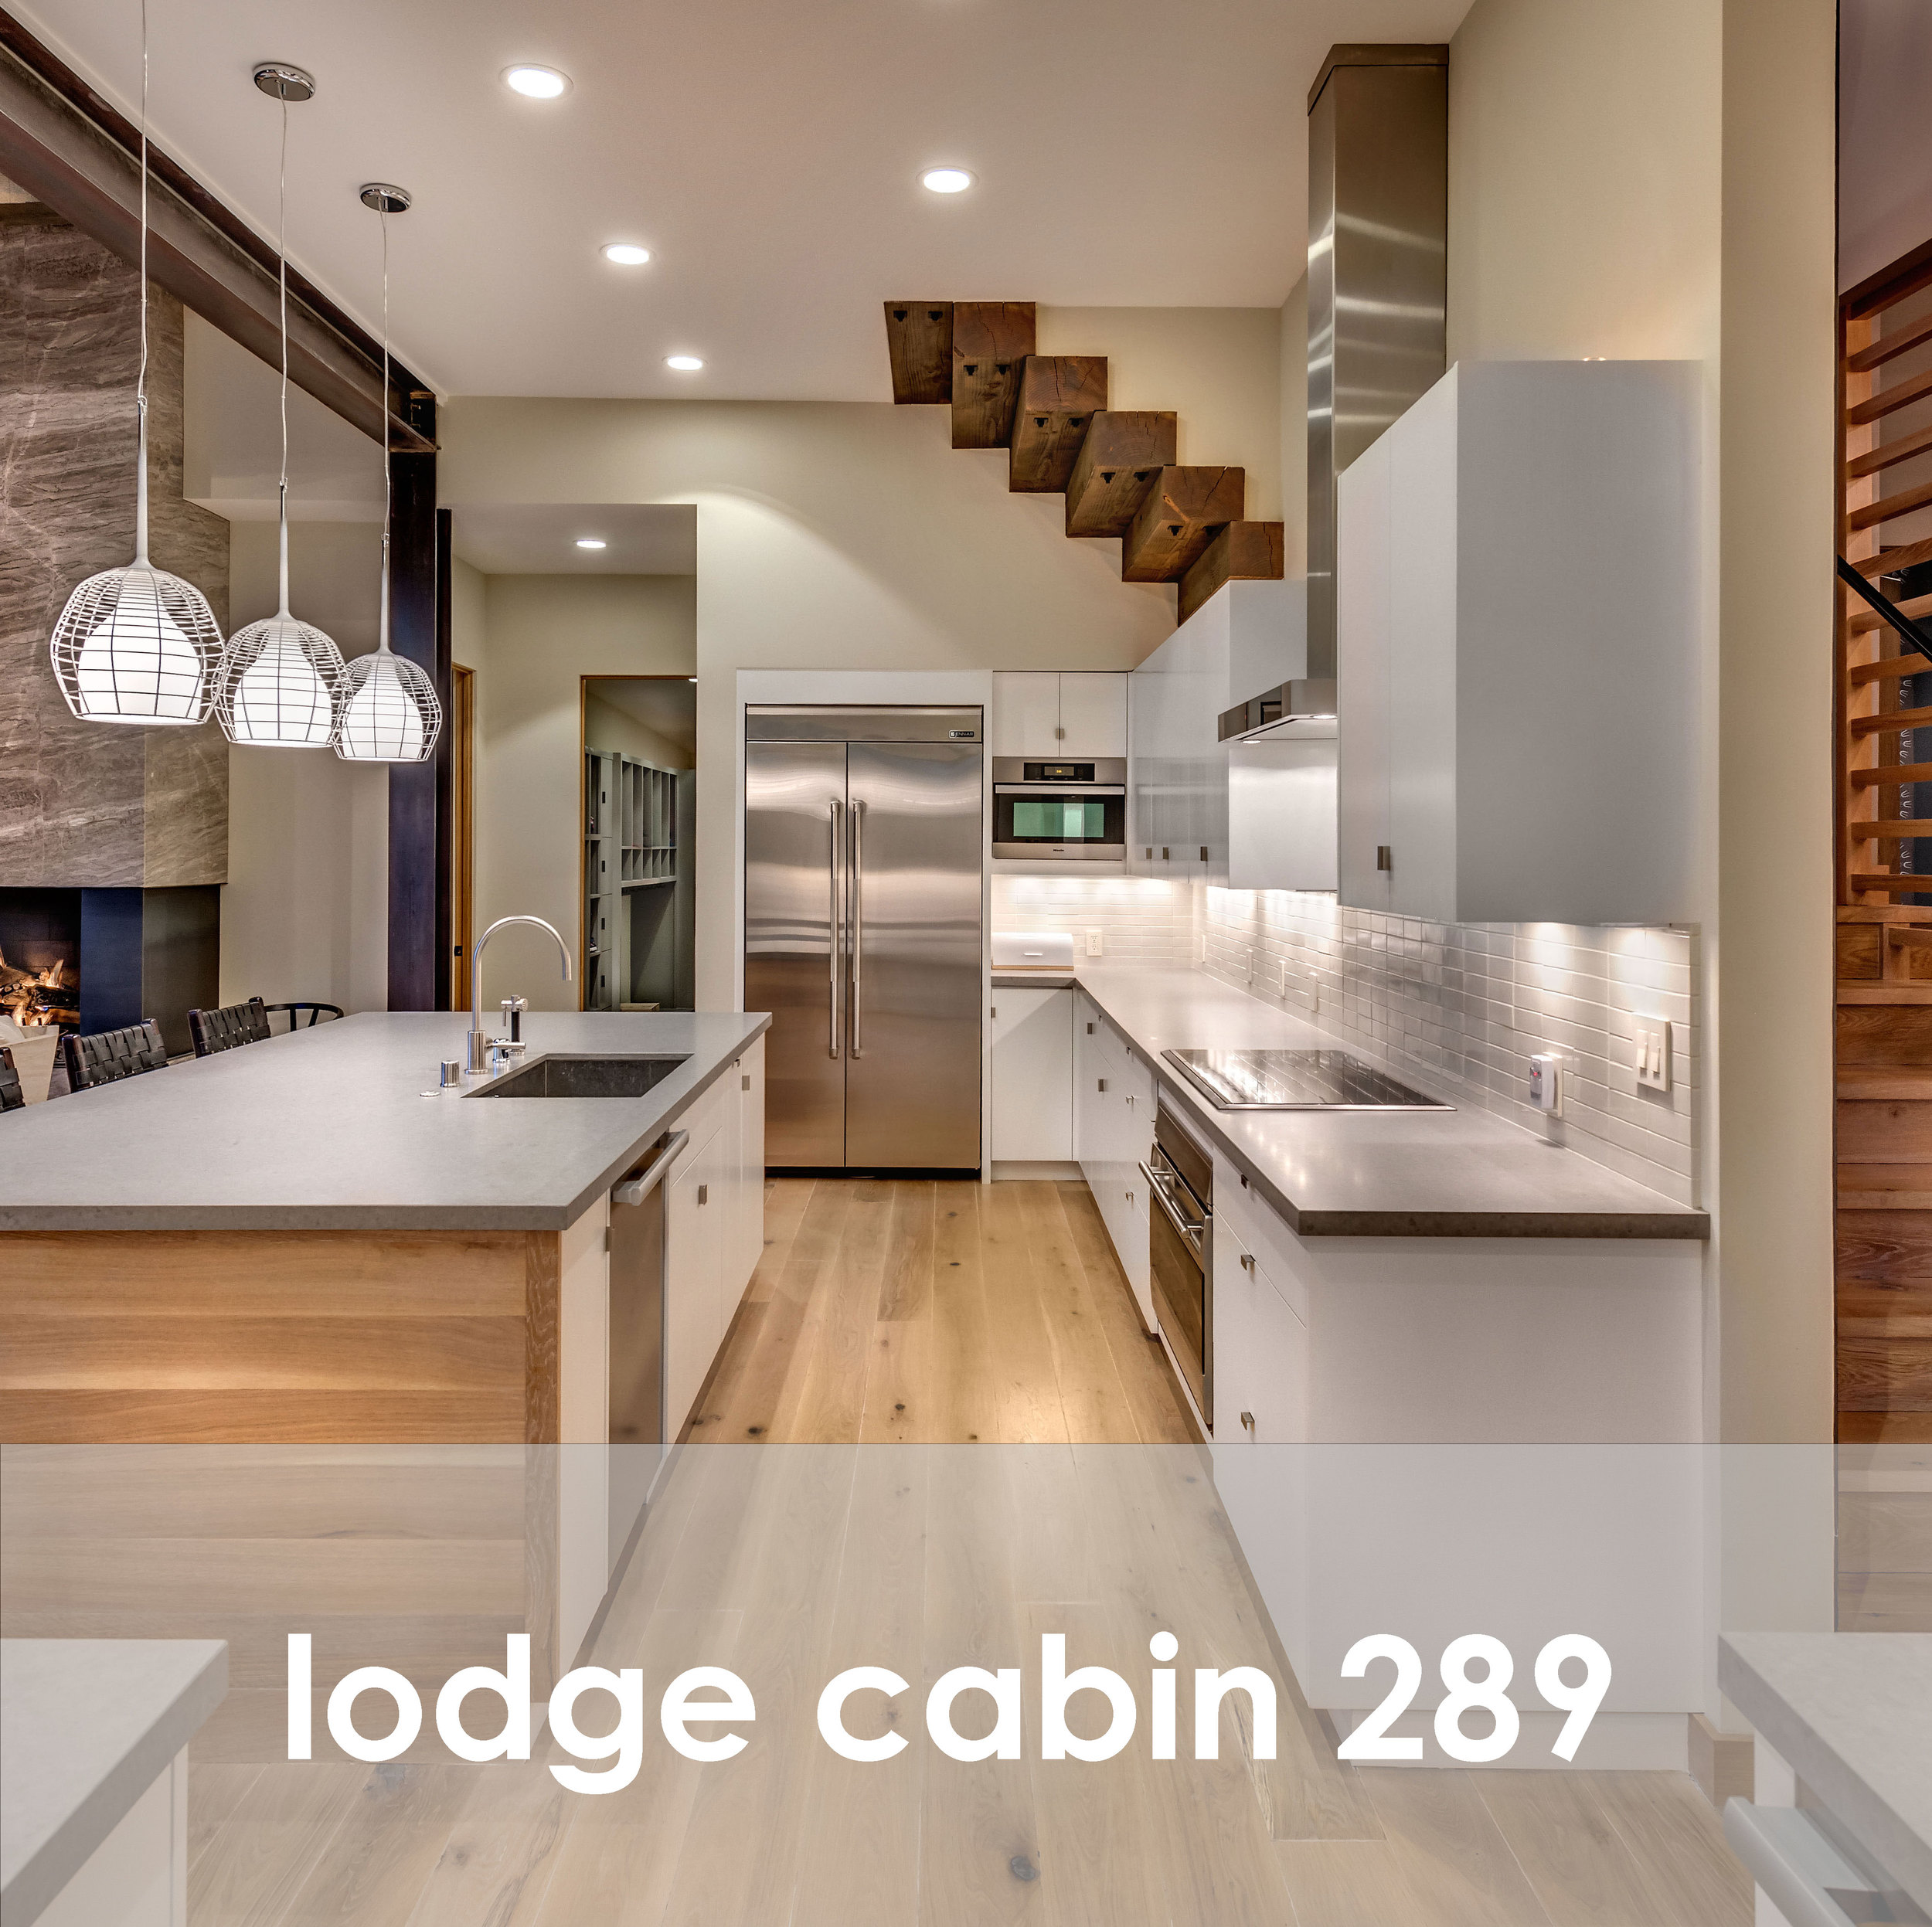 lodge-cabin-289.jpg